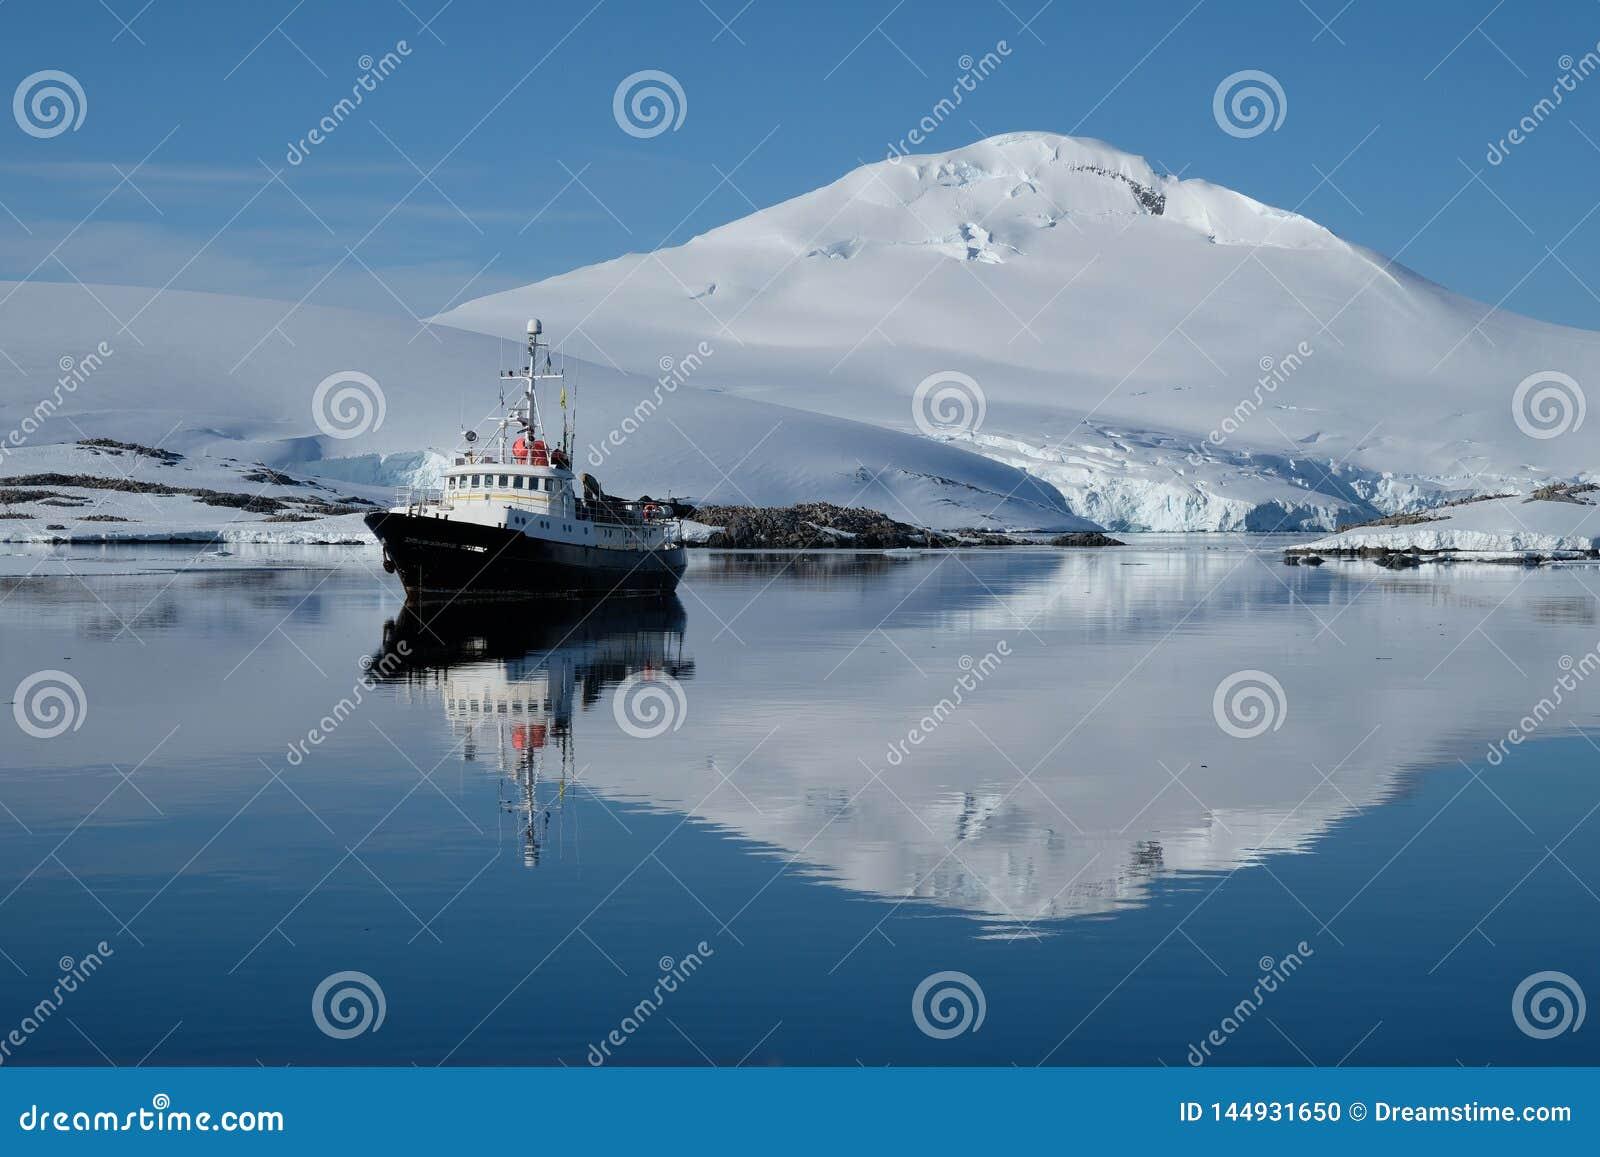 Ondinhas do barco da Antártica em uma baía azul do espelho abaixo neve branca da montanha tampada